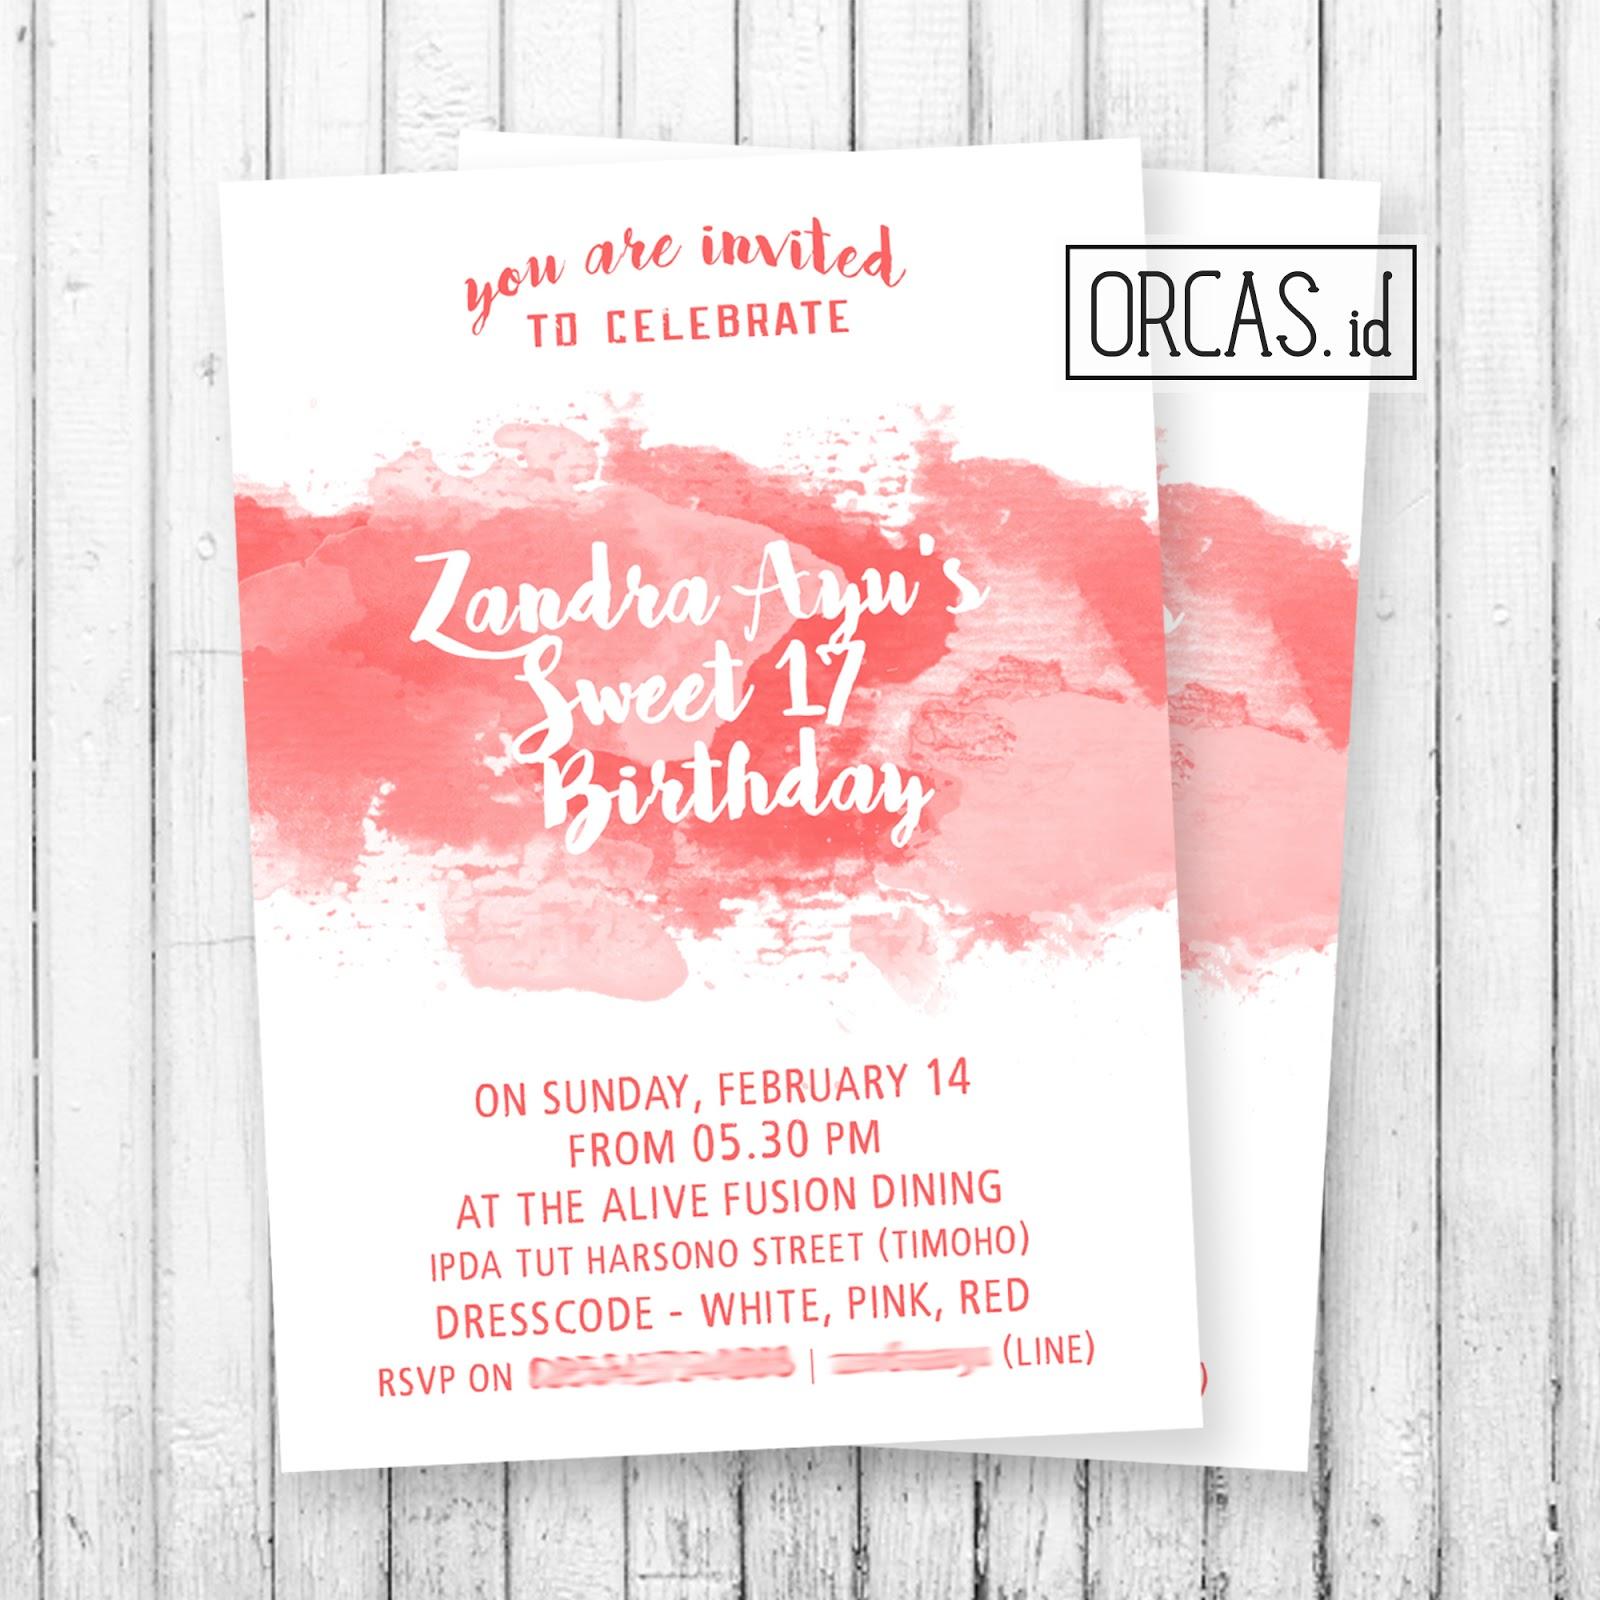 Zandra S Birthday E Invitation Card Paper Style Orcas Id